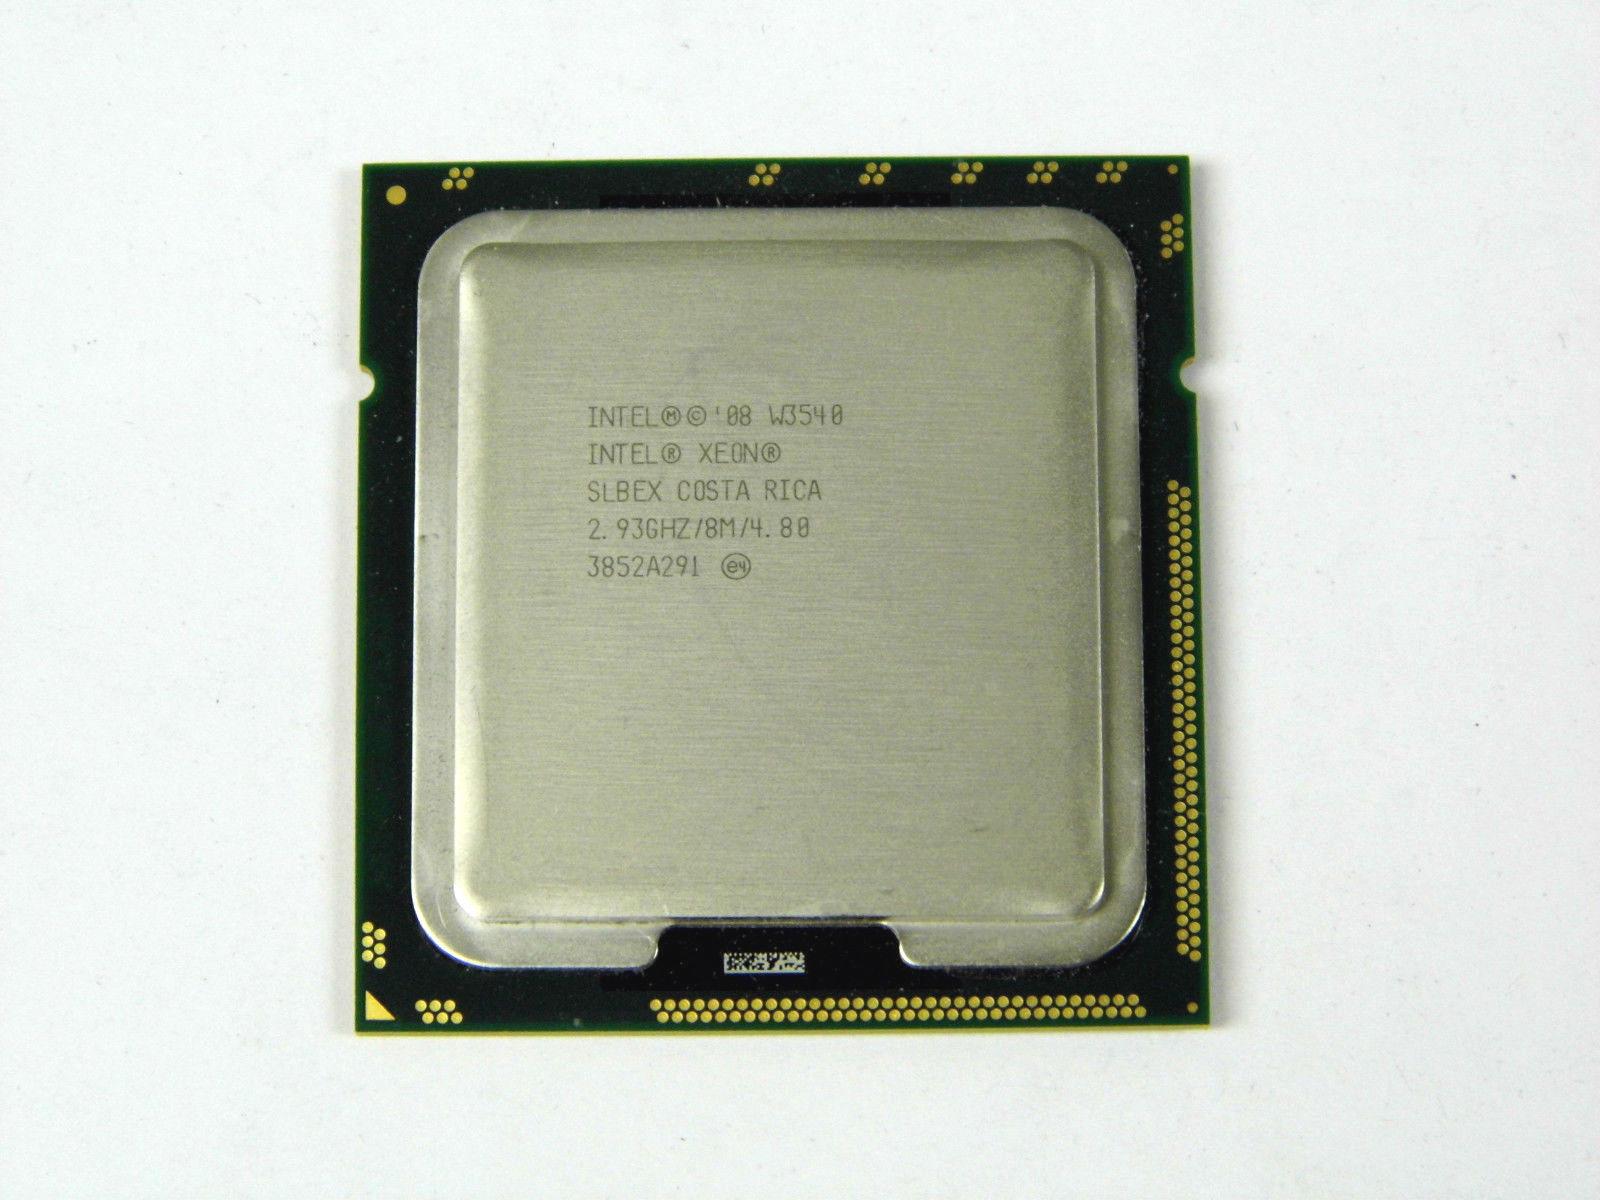 Slbex Intel Xeon Processor W3540 2.93Ghz 8M 4 Cores 130W D0